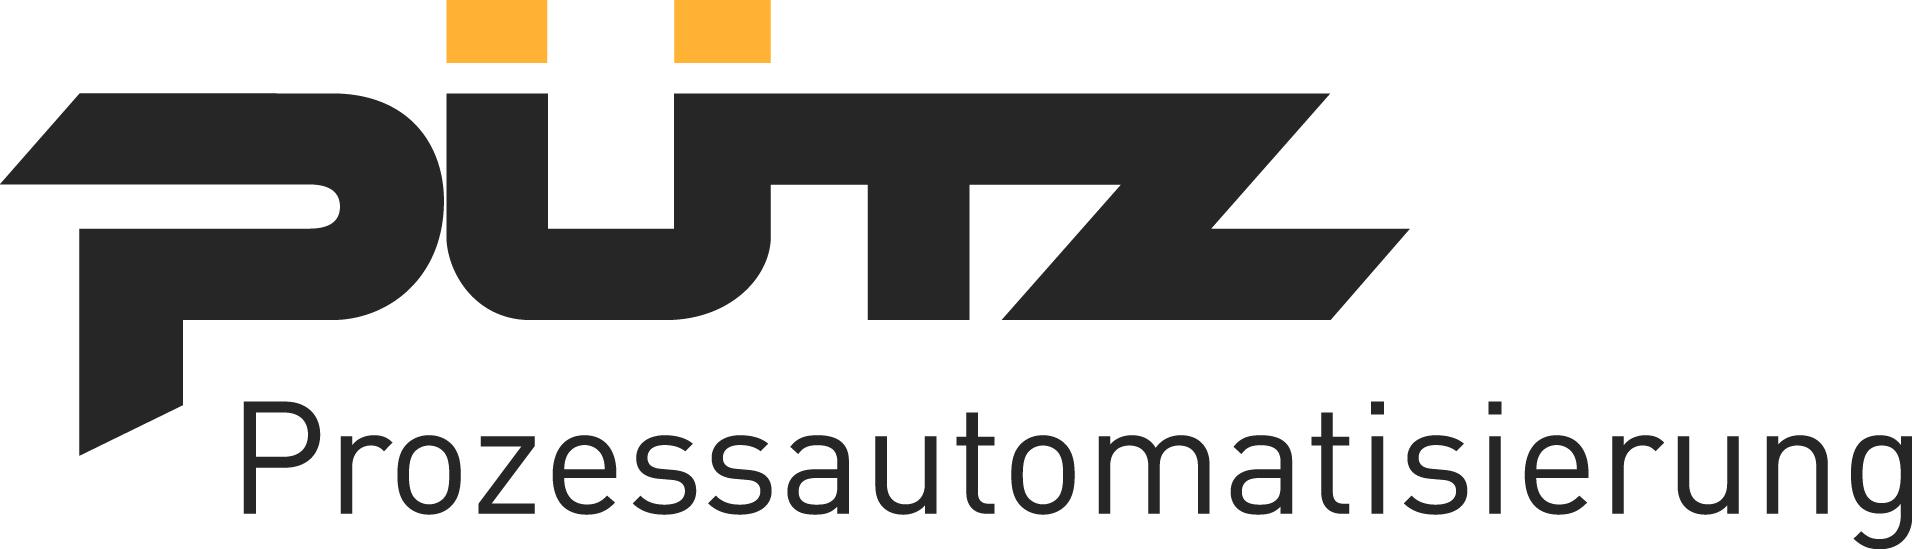 Pütz Prozessautomatisierung GmbH